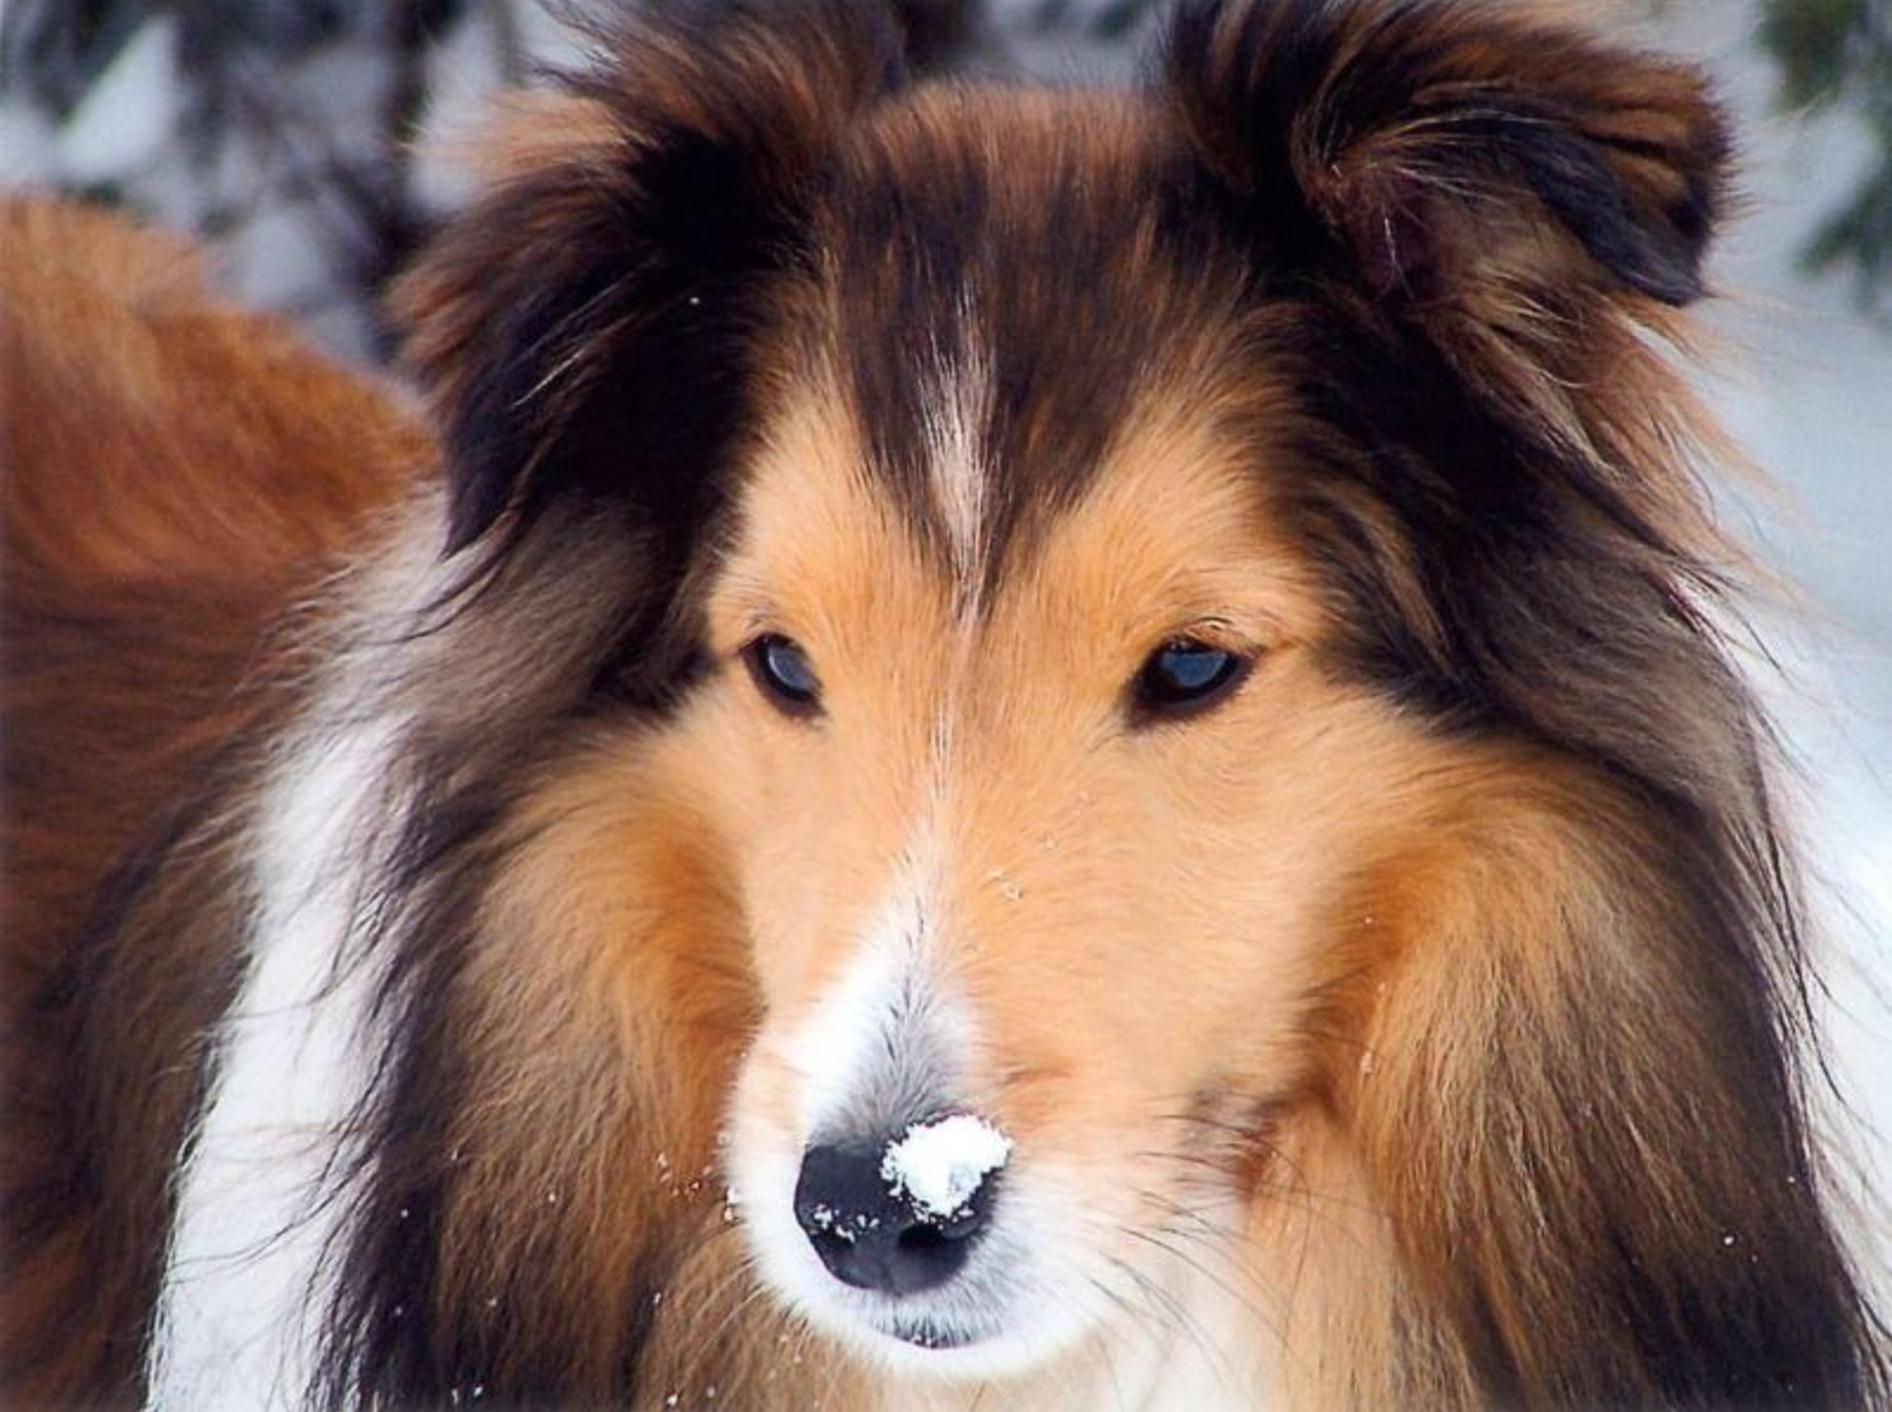 Shetland Sheepdog: Extrem schlauer Hirtenhund, der auch als Rettungshund und Therapiehund eingesetzt wird